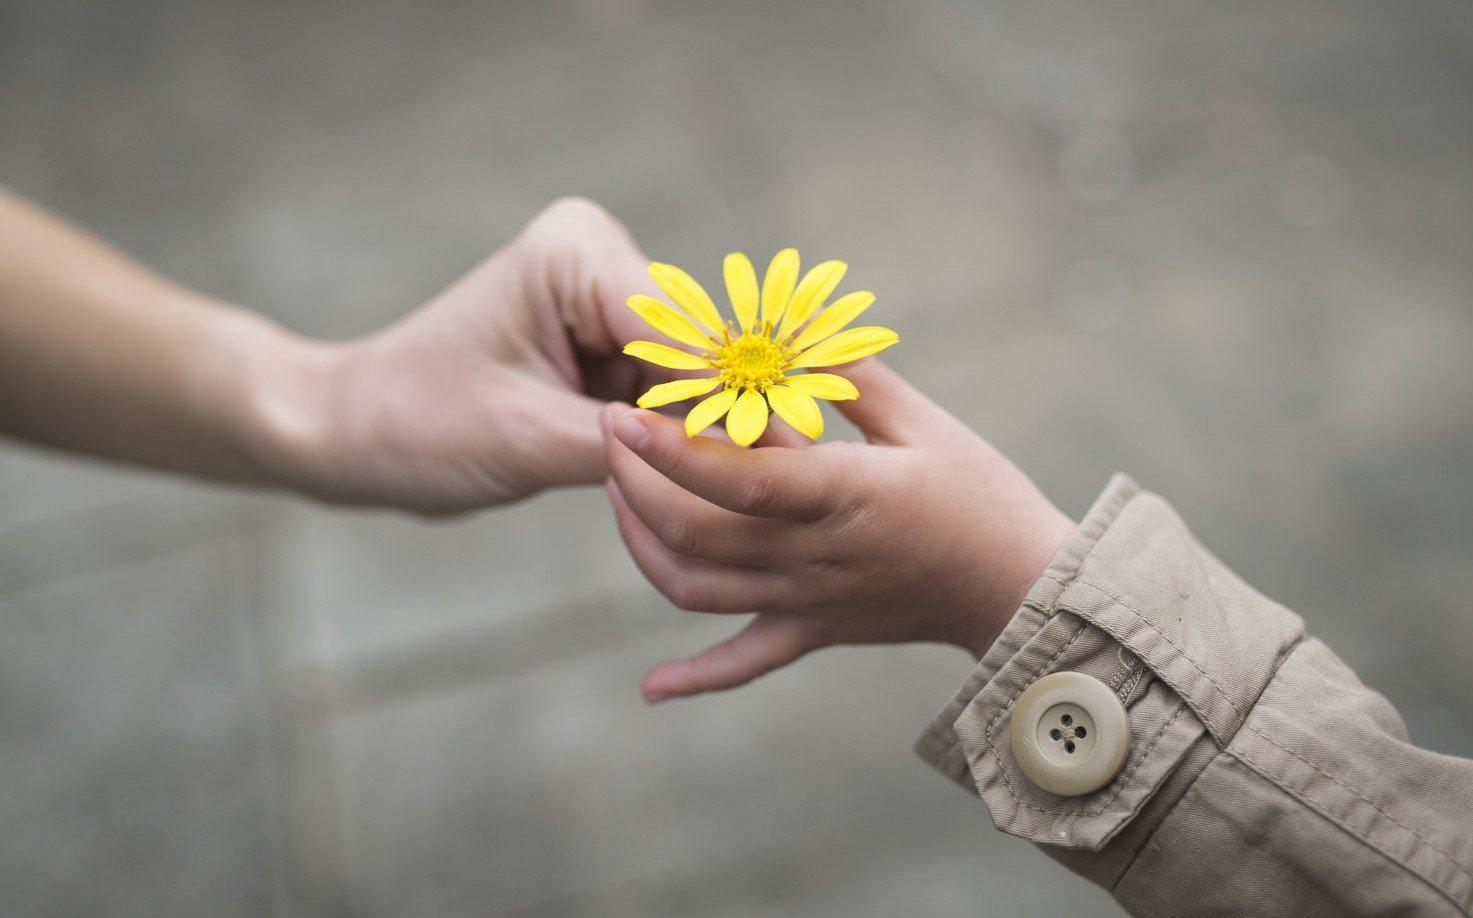 Gentileza é um ato cristão